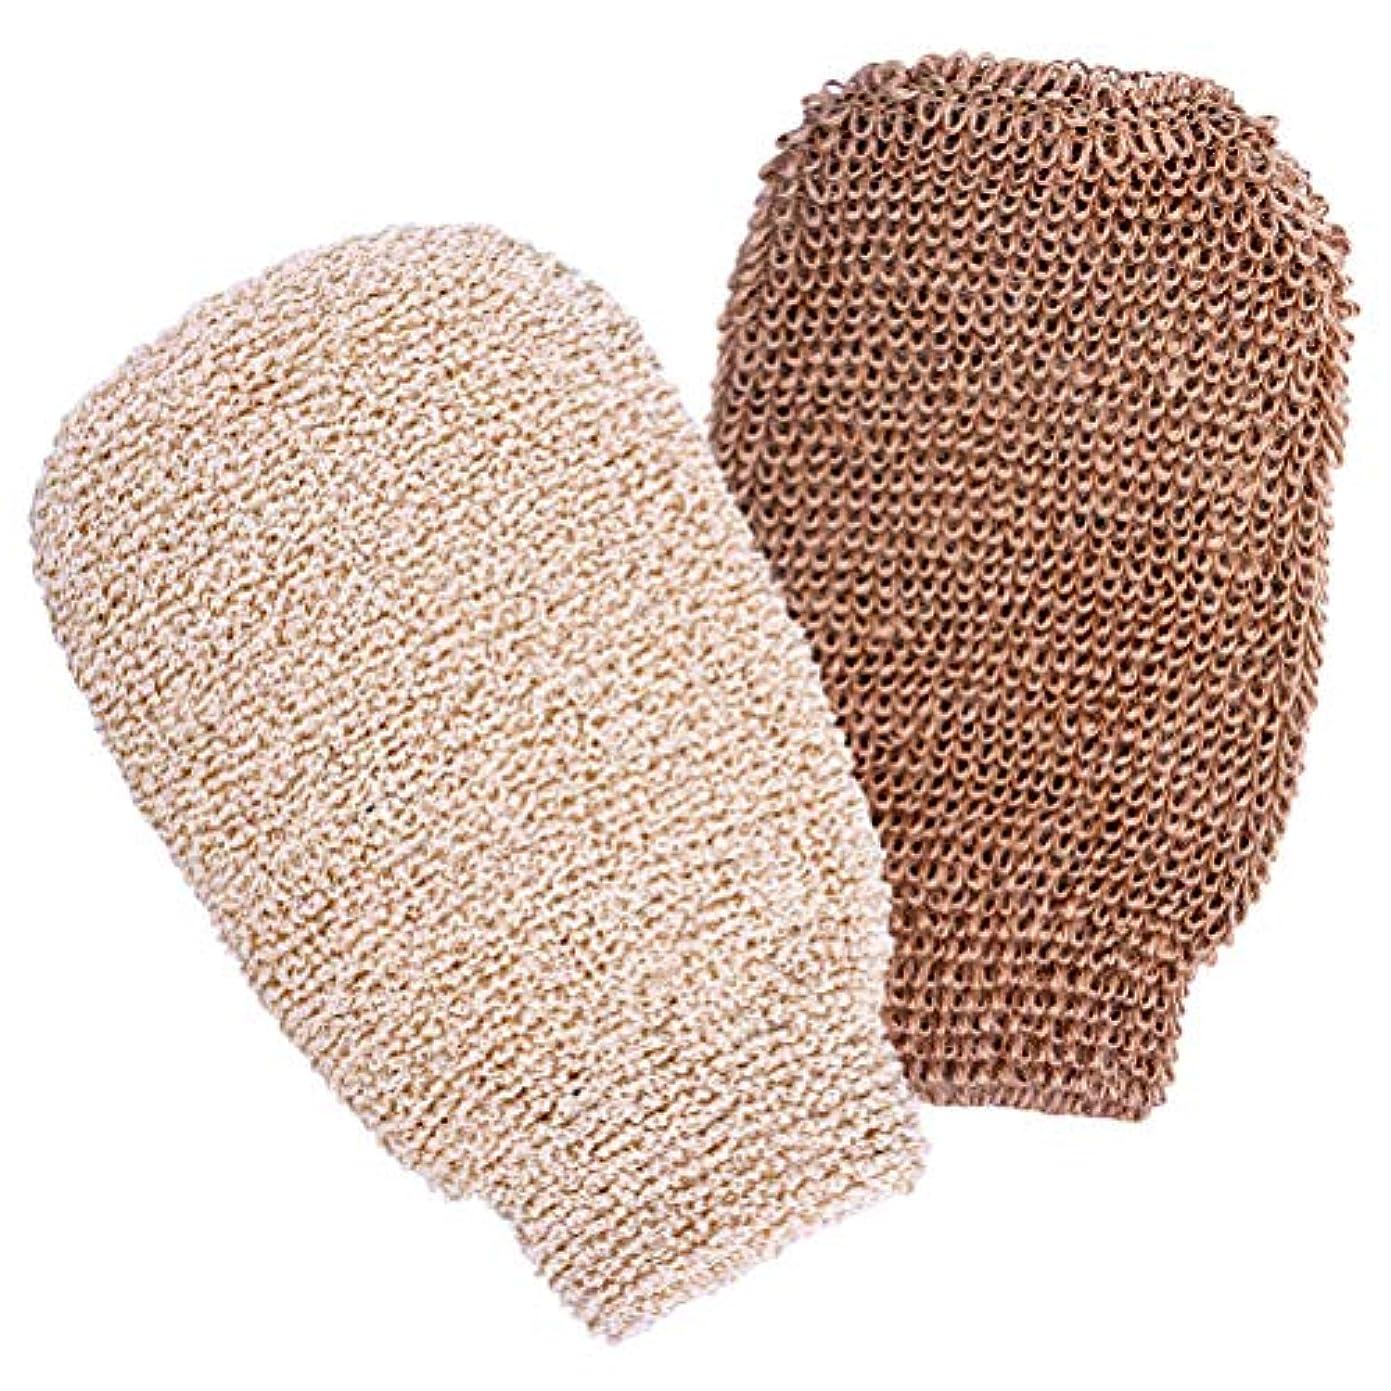 疎外するハイランド民兵FBYED 2個 シャワージェル手袋スキンケア手袋 天然亜麻繊維 天然竹繊維製 入浴用手袋 安全性 快適な 抗菌性 通気性 防腐剤 汗を吸収 角質除去と のスキンケア手袋